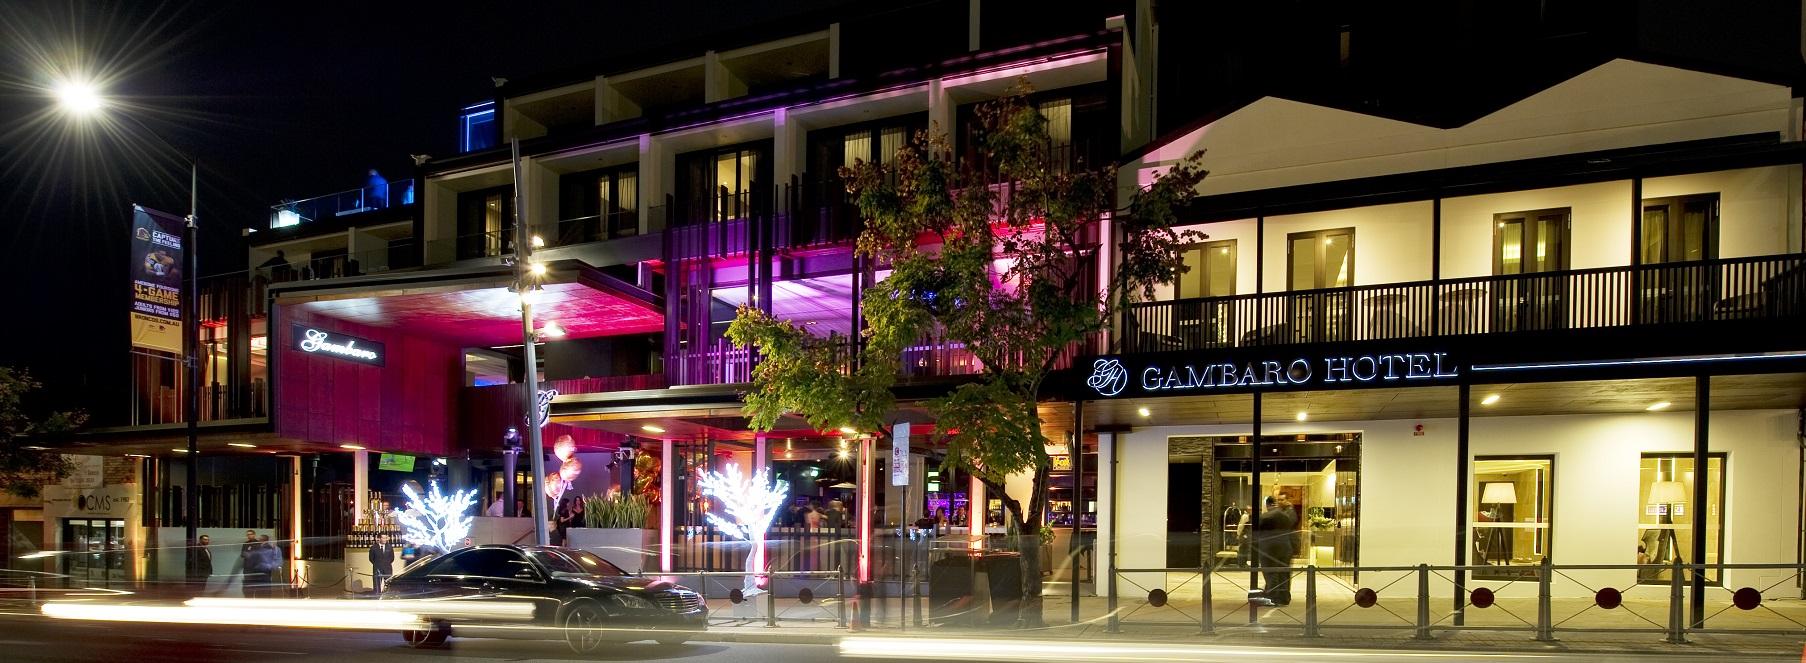 Gambaro Hotel Press Releases